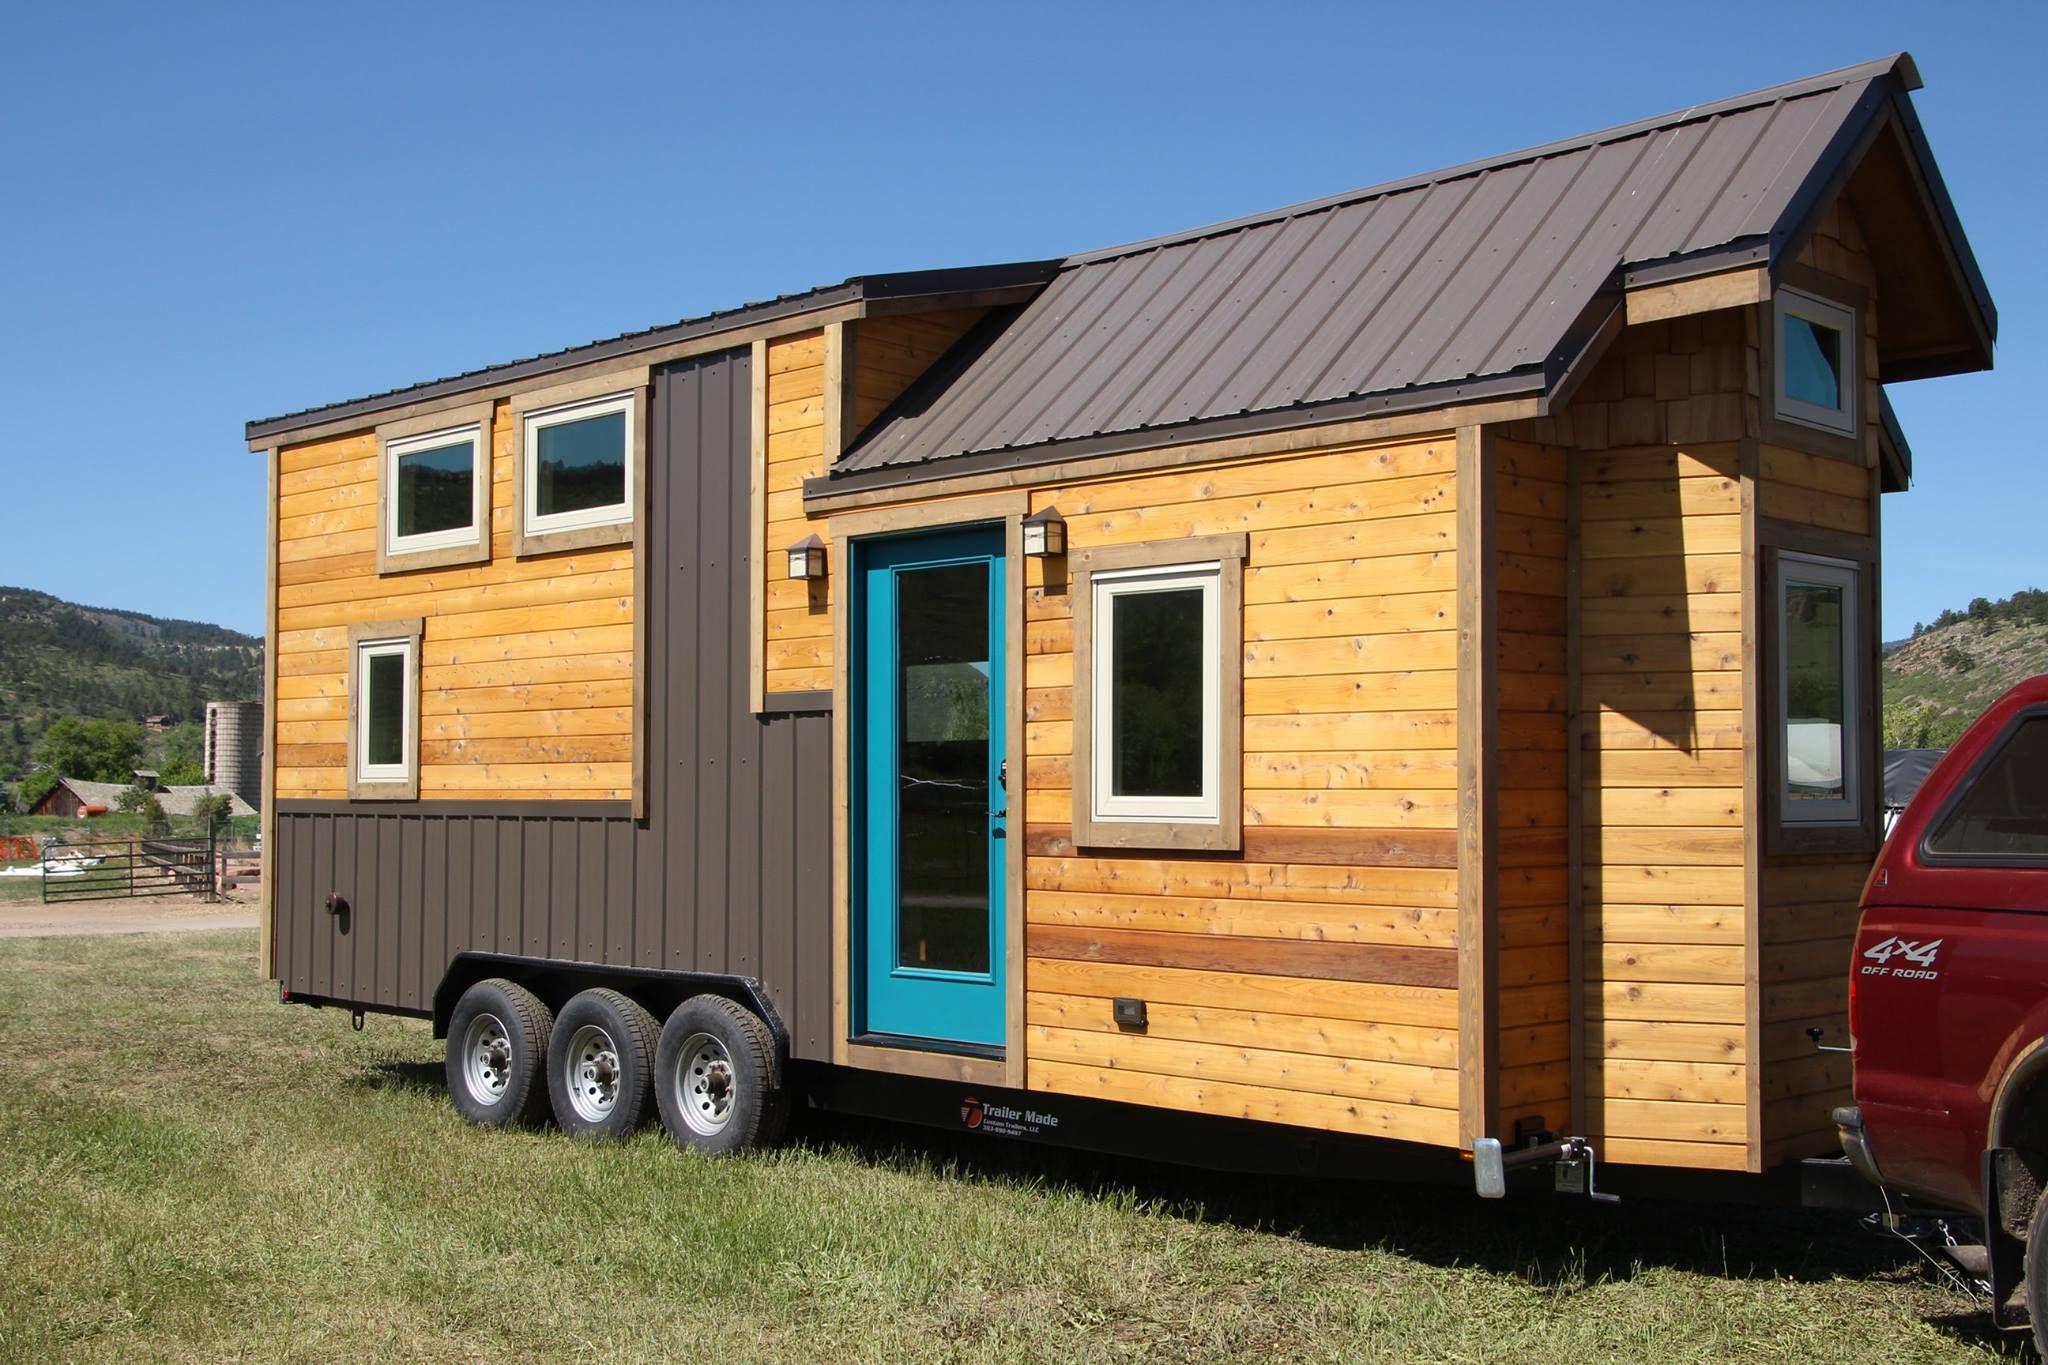 Simblissity 26 Tahosa Tiny House For Sale Lyons Co Cheap Tiny House Tiny Houses For Sale Tiny House Company